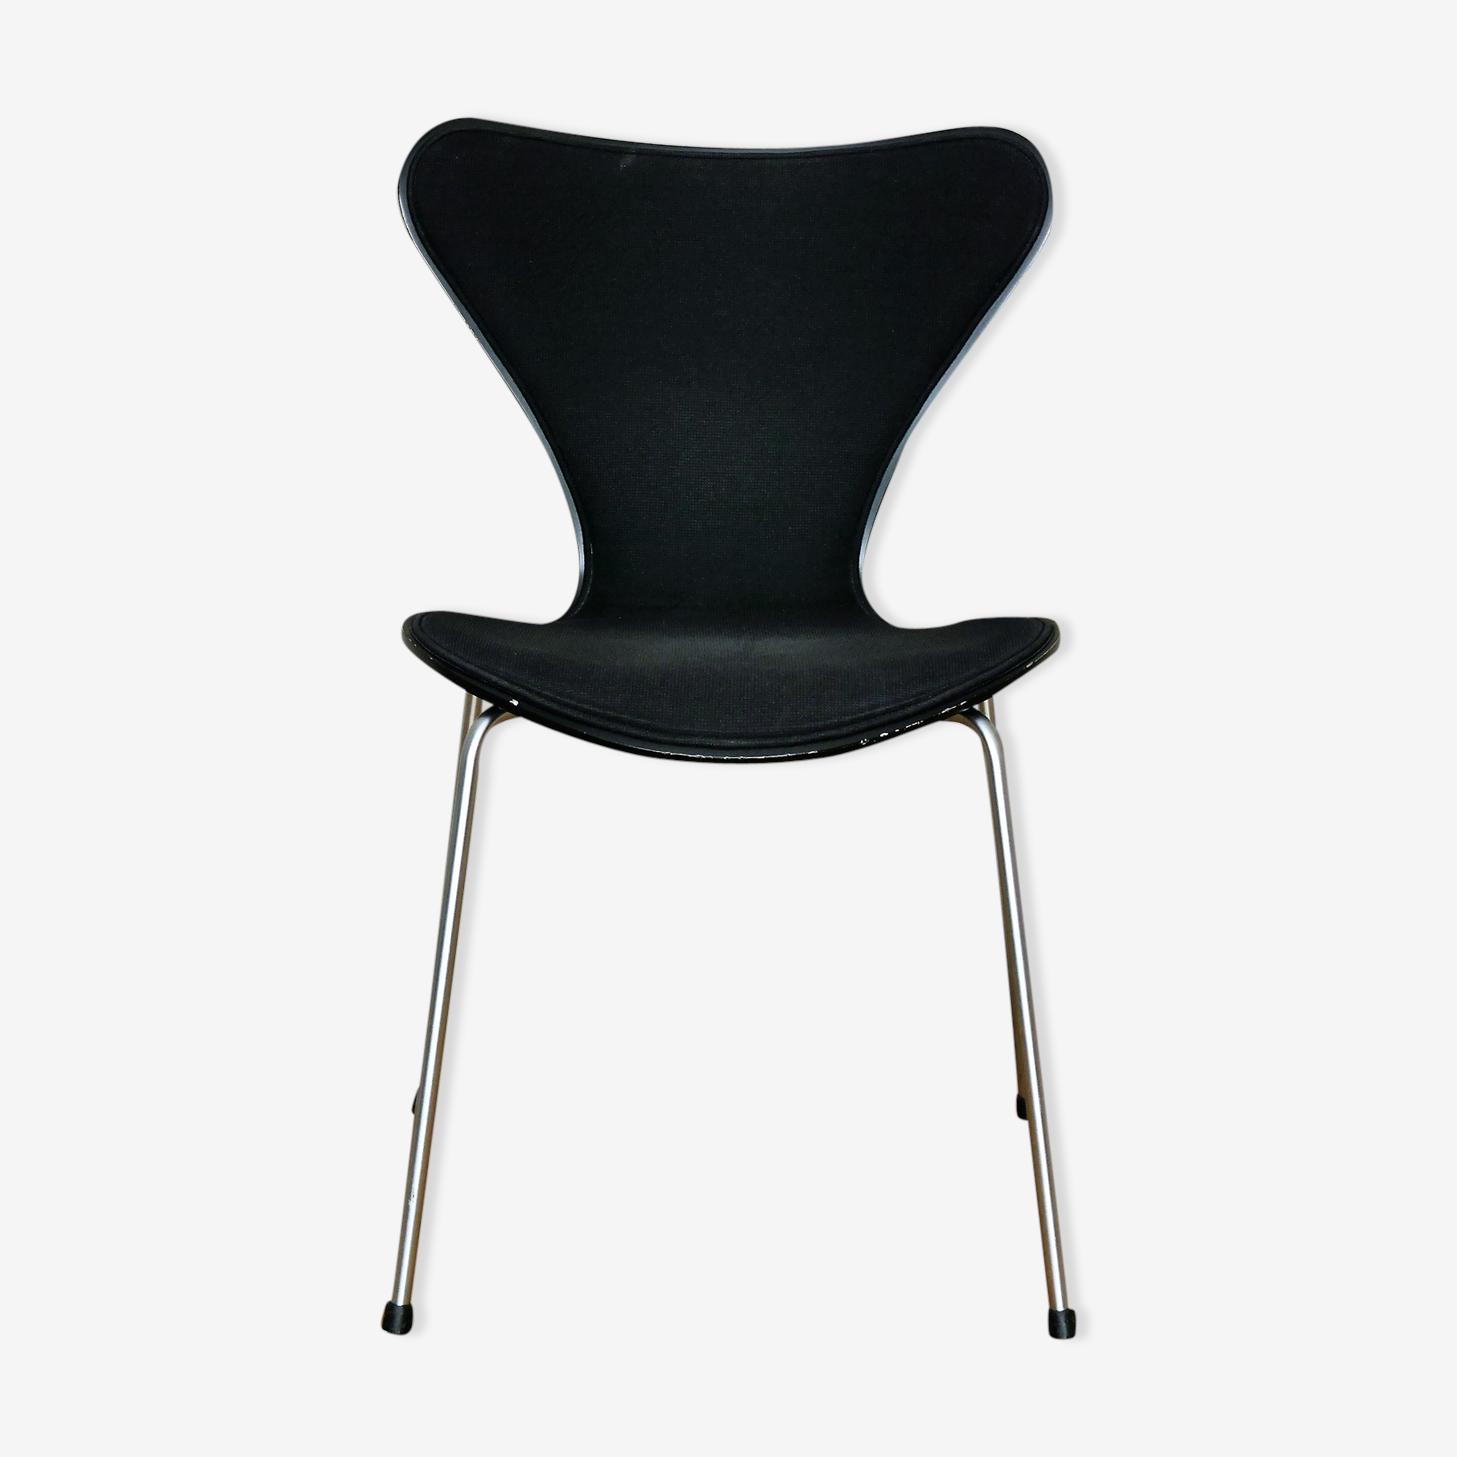 Chaise de bureau 3107 de Jacobsen édition Fritz Hansen